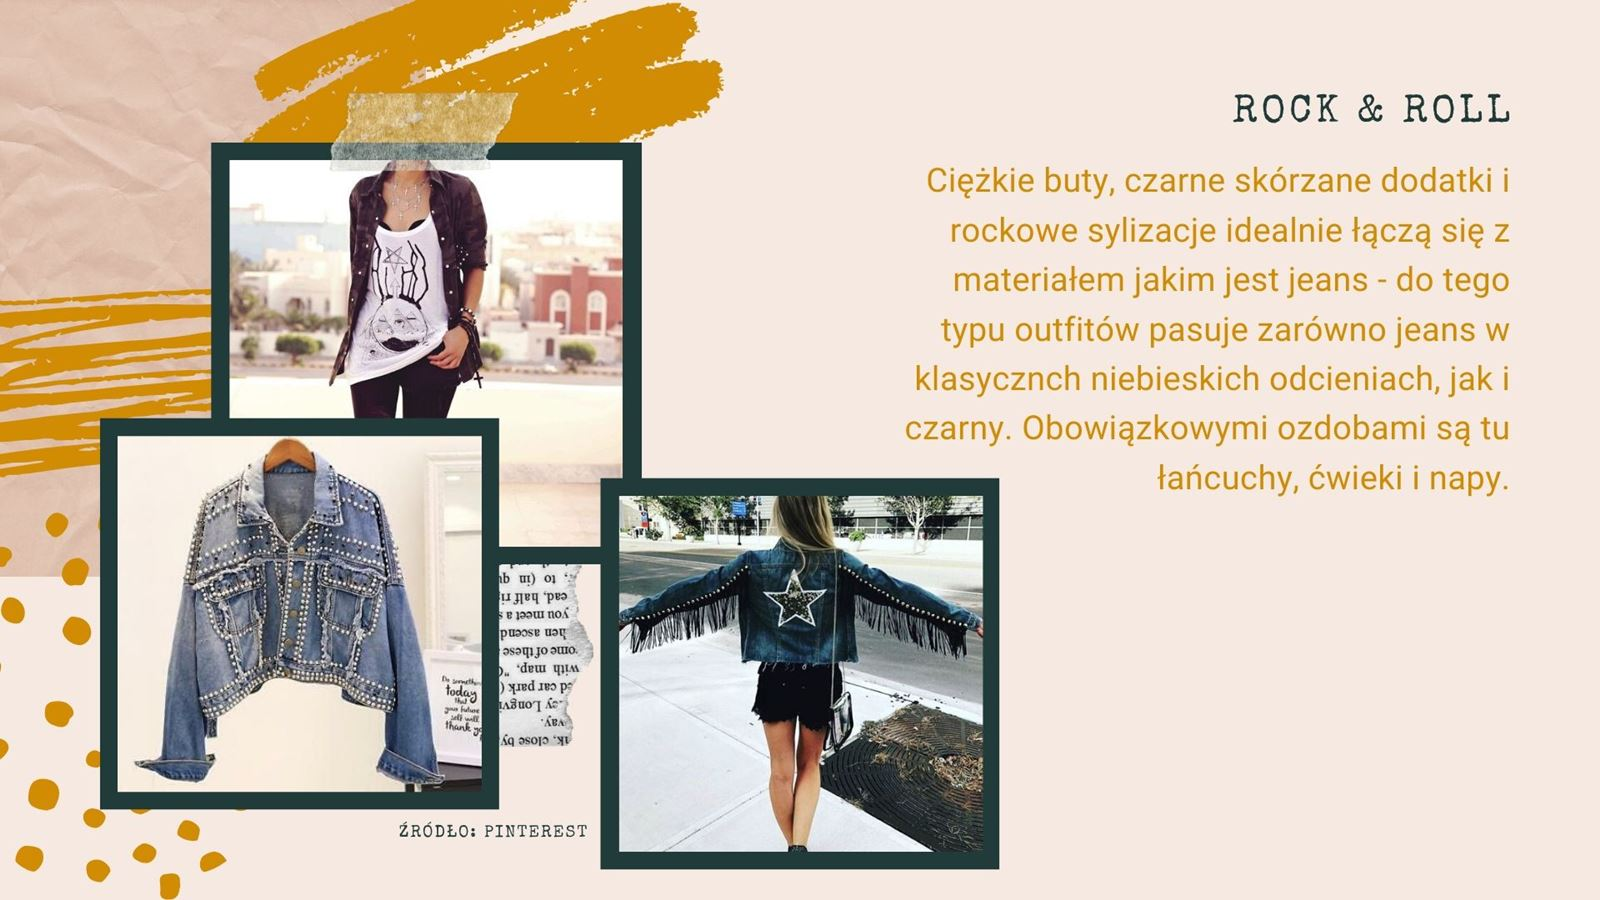 6 jak wybrać jeansową kurtkę gdzie kupić krótką kurtkę z jeansu denim jacket z frędzlami rockowa do sukni ślubnej do sukienki lily lulu fashion z czym nosić kurtkę jeansową stylizacje inspiracje ceny